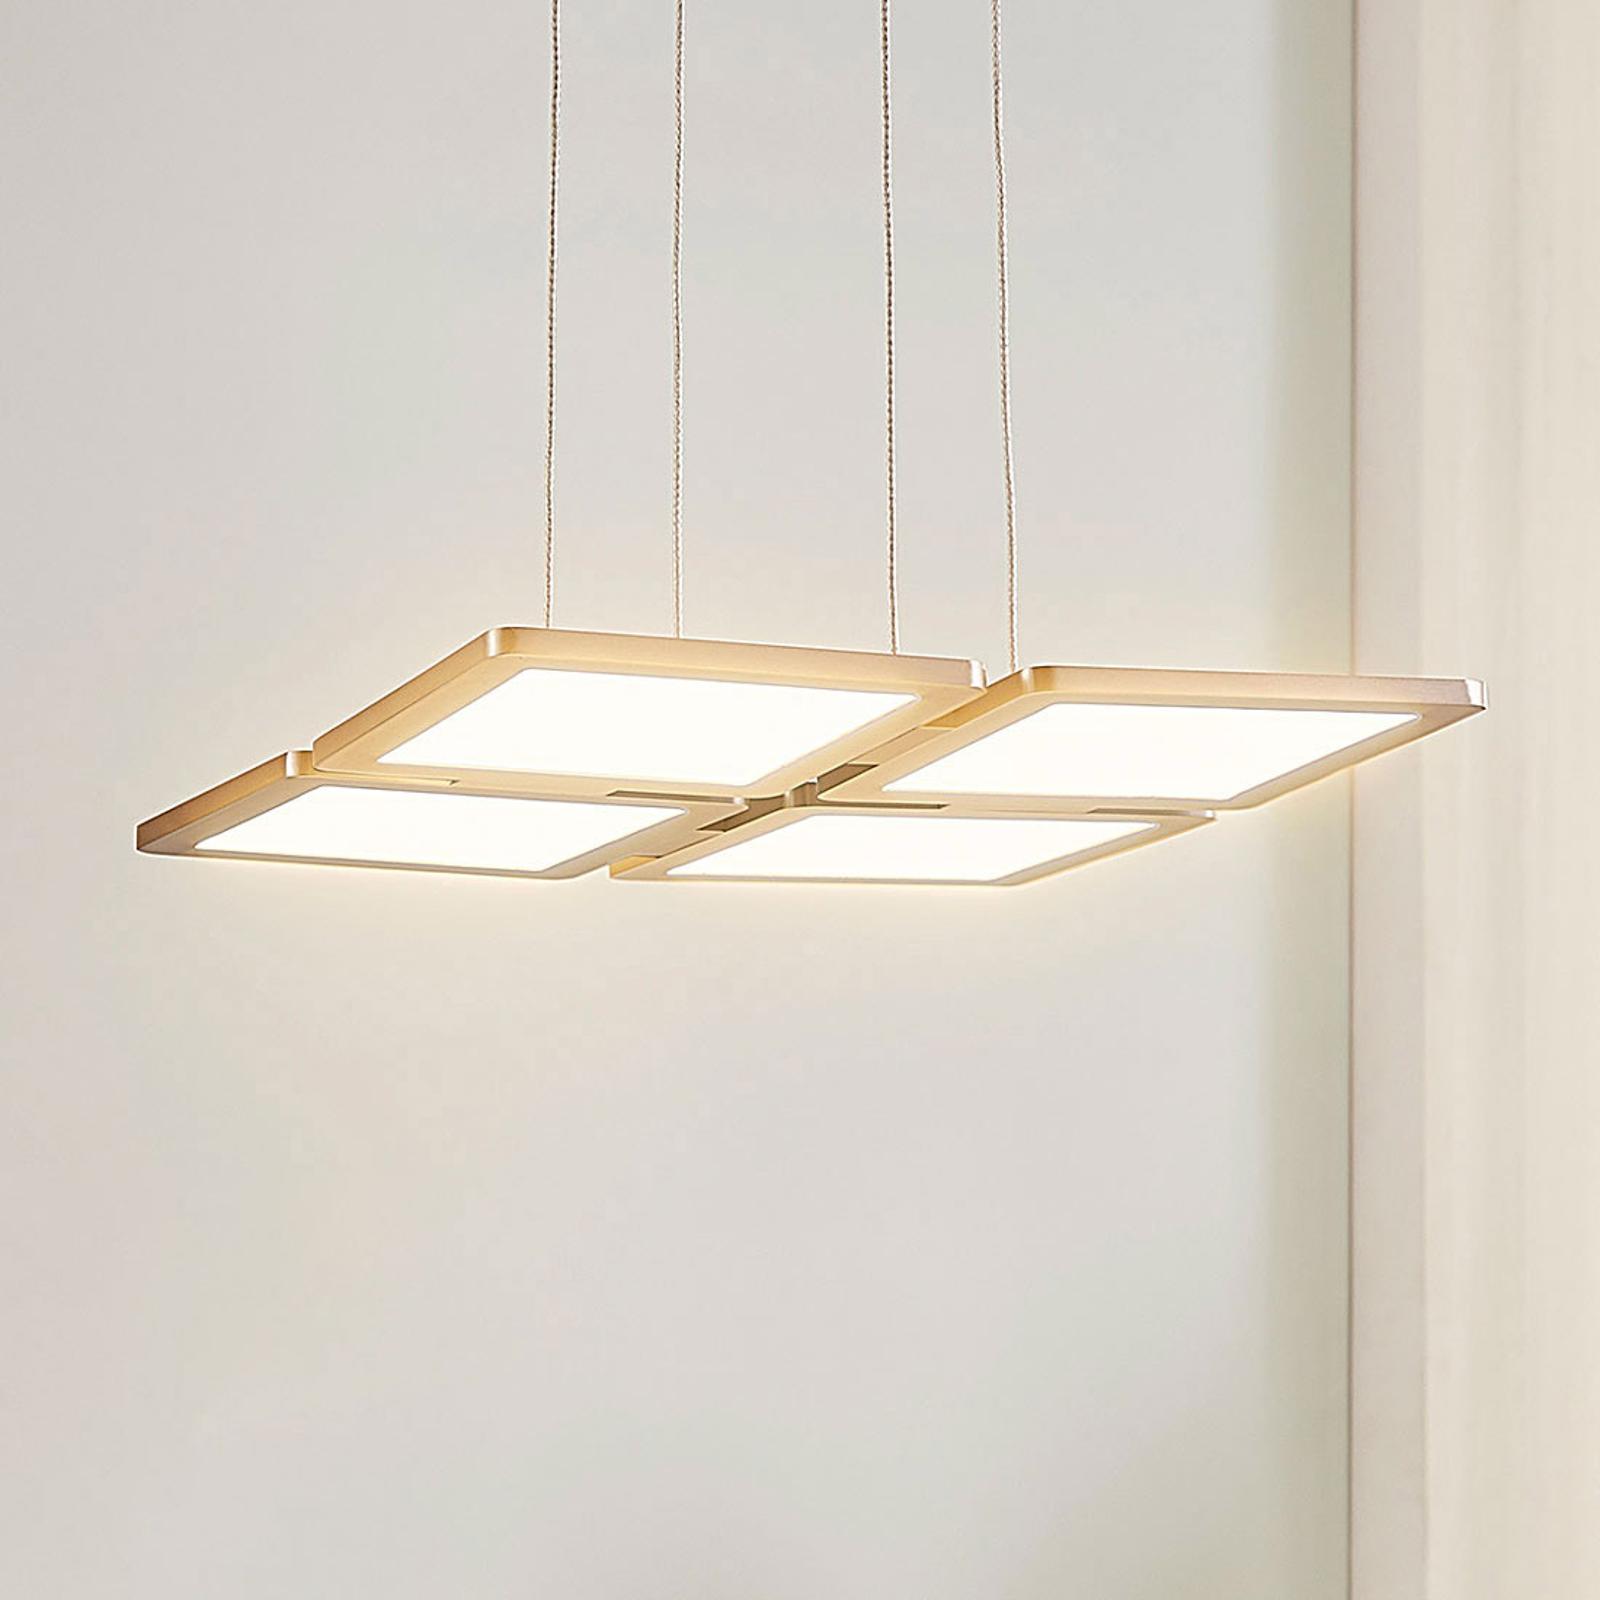 Lampa wisząca LED Elian, ściemniana